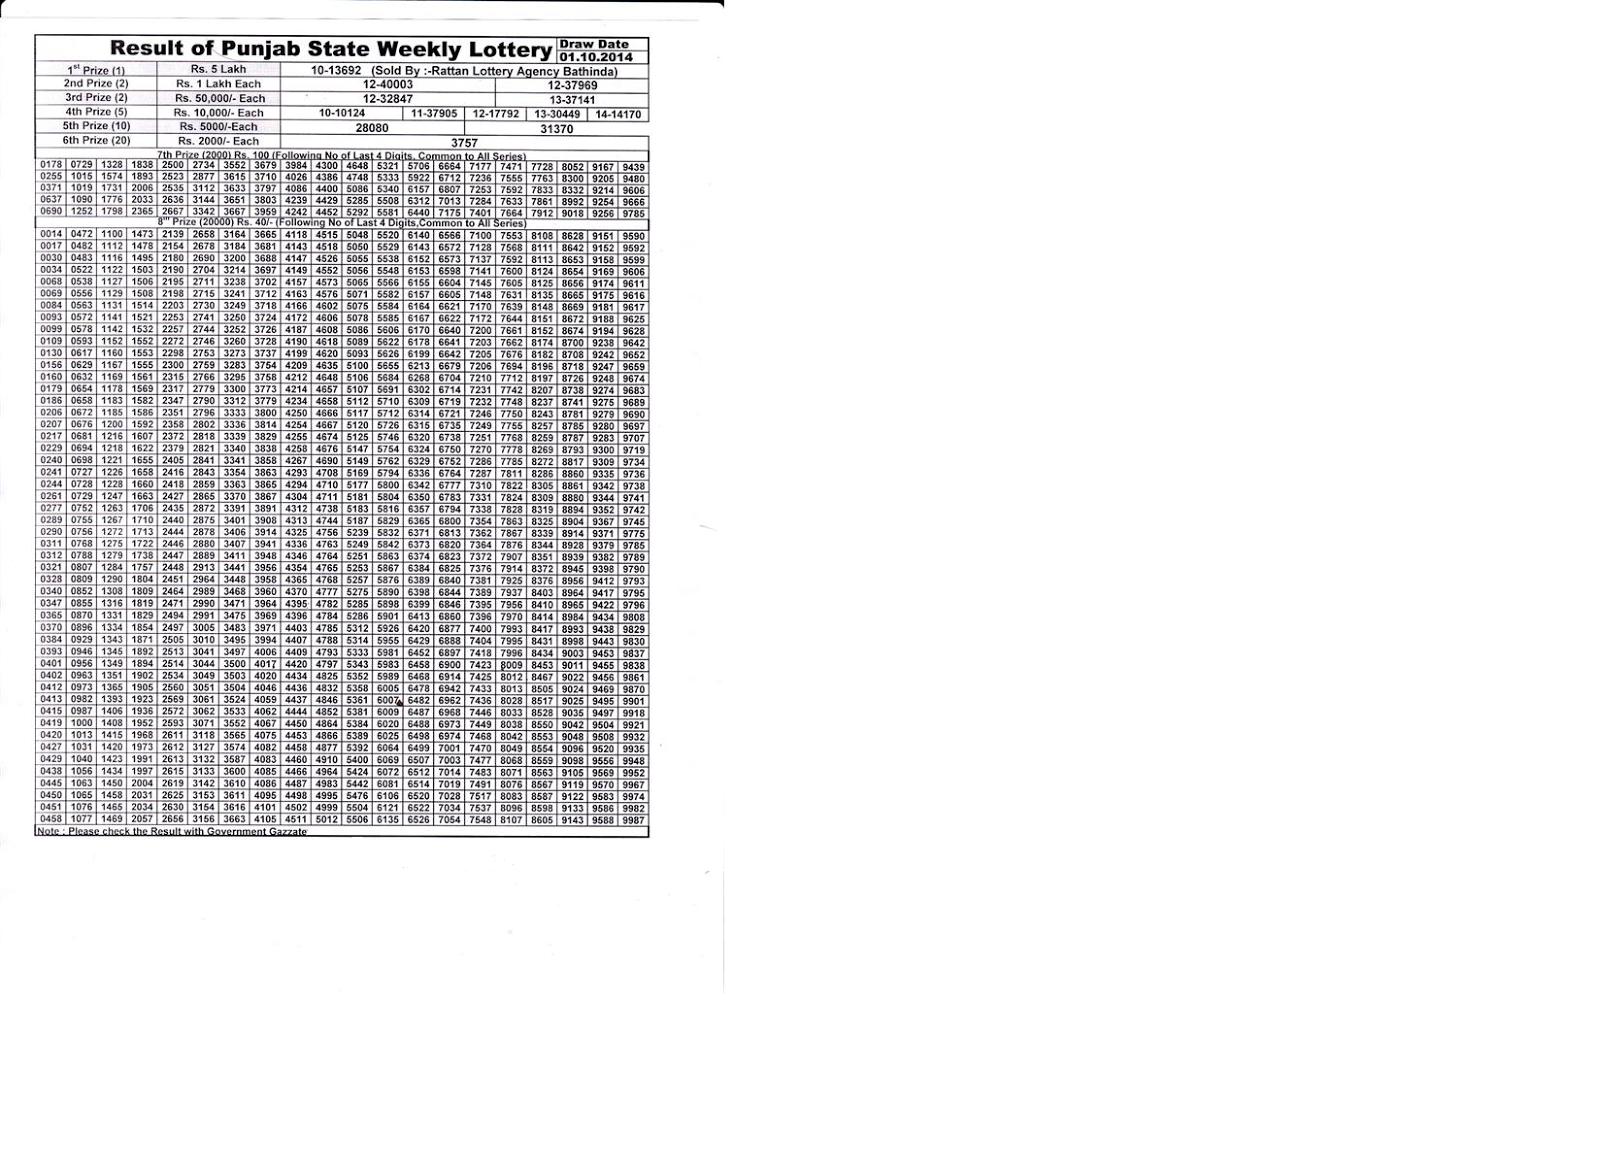 Gaja laxmi weekly lottery results